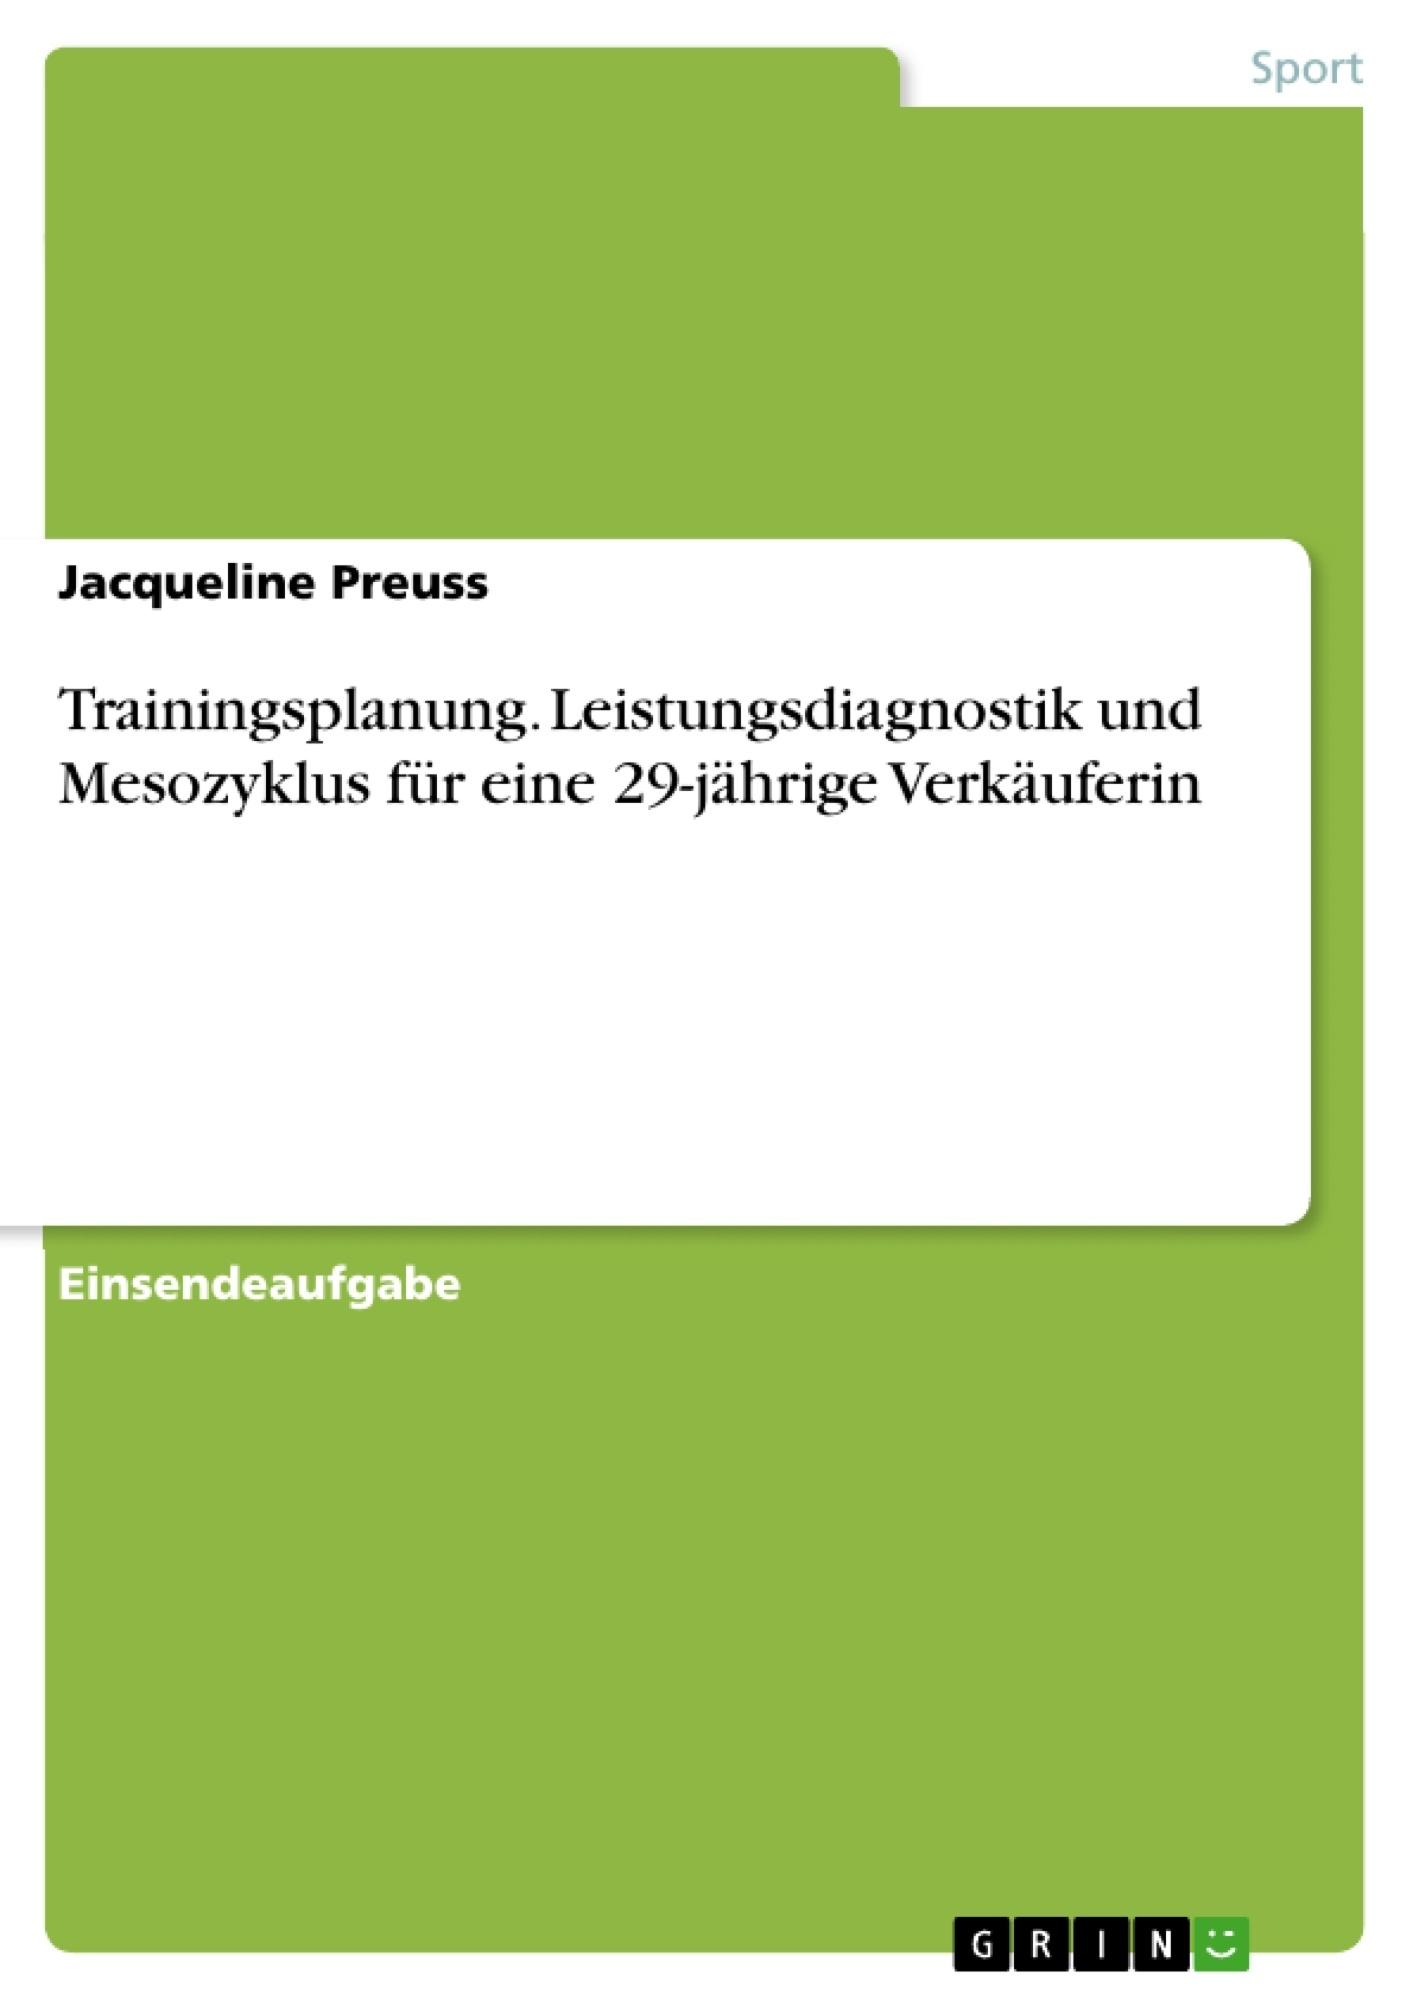 Titel: Trainingsplanung. Leistungsdiagnostik und Mesozyklus für eine 29-jährige Verkäuferin